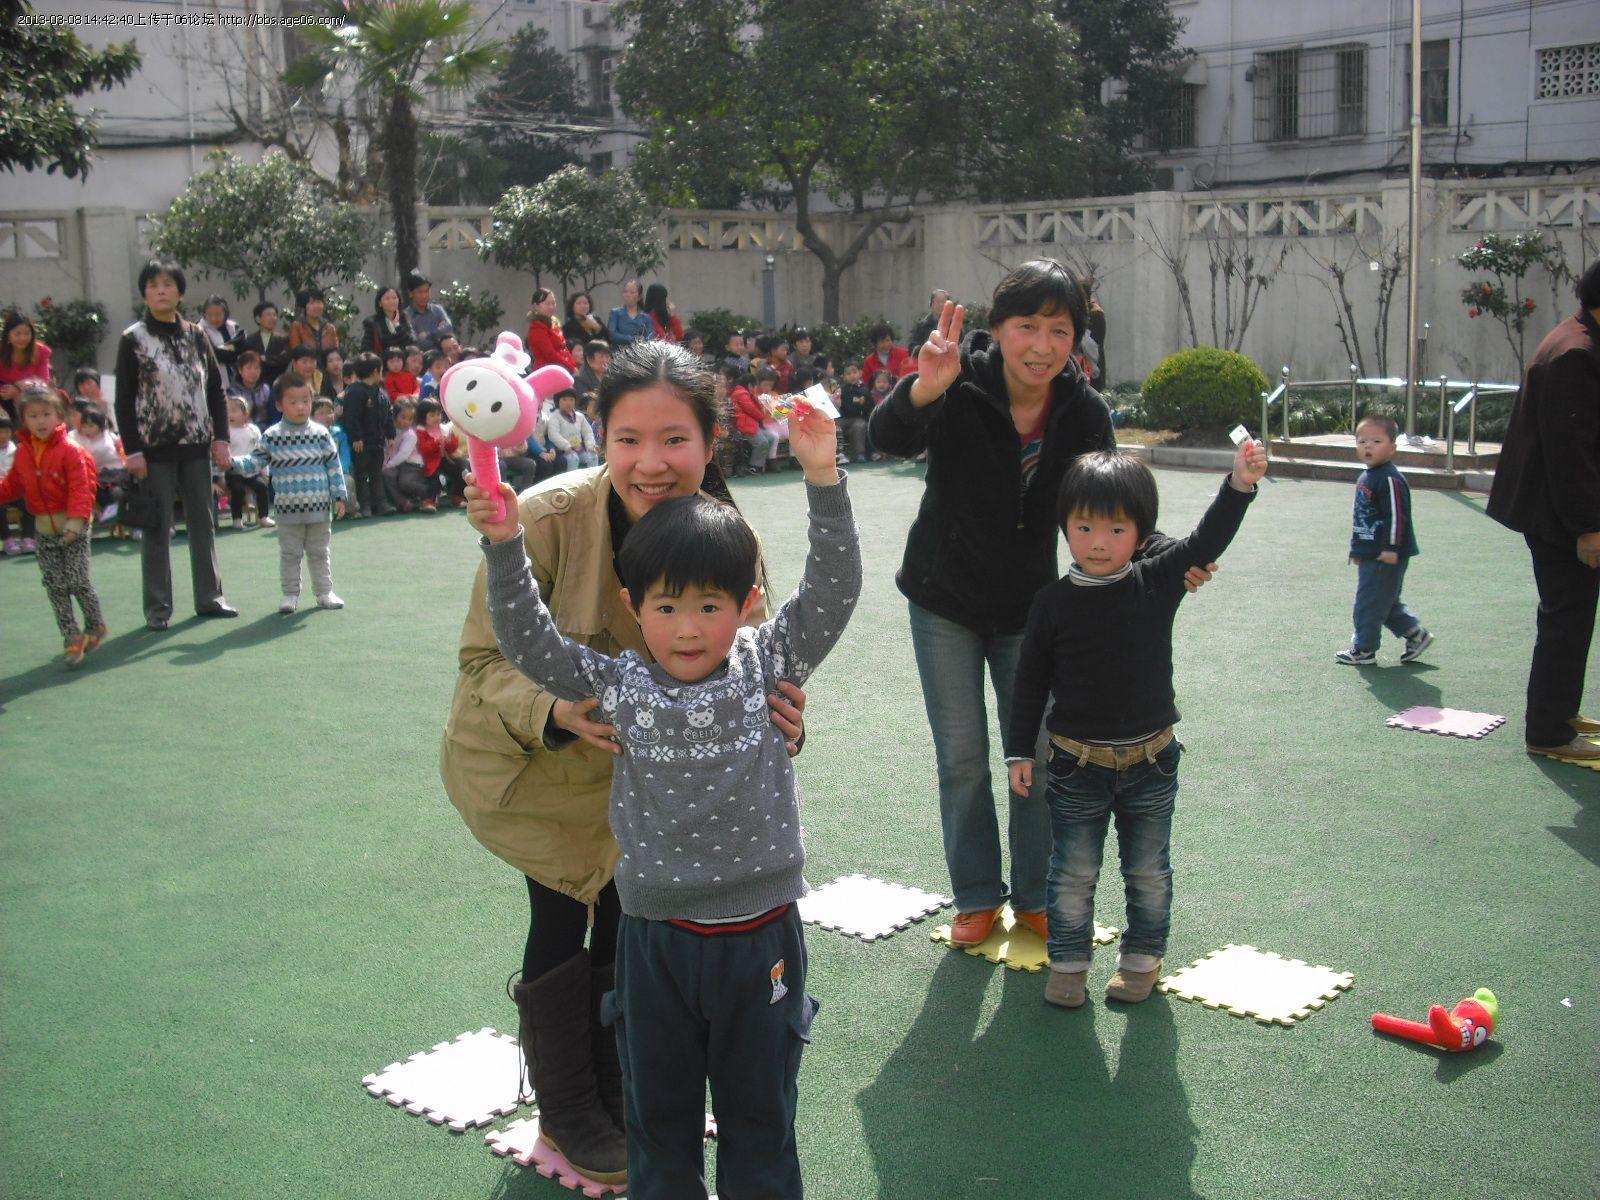 信息详细 - 殷行路幼儿园; 我爱我的好妈妈 - 上海学前教育网;